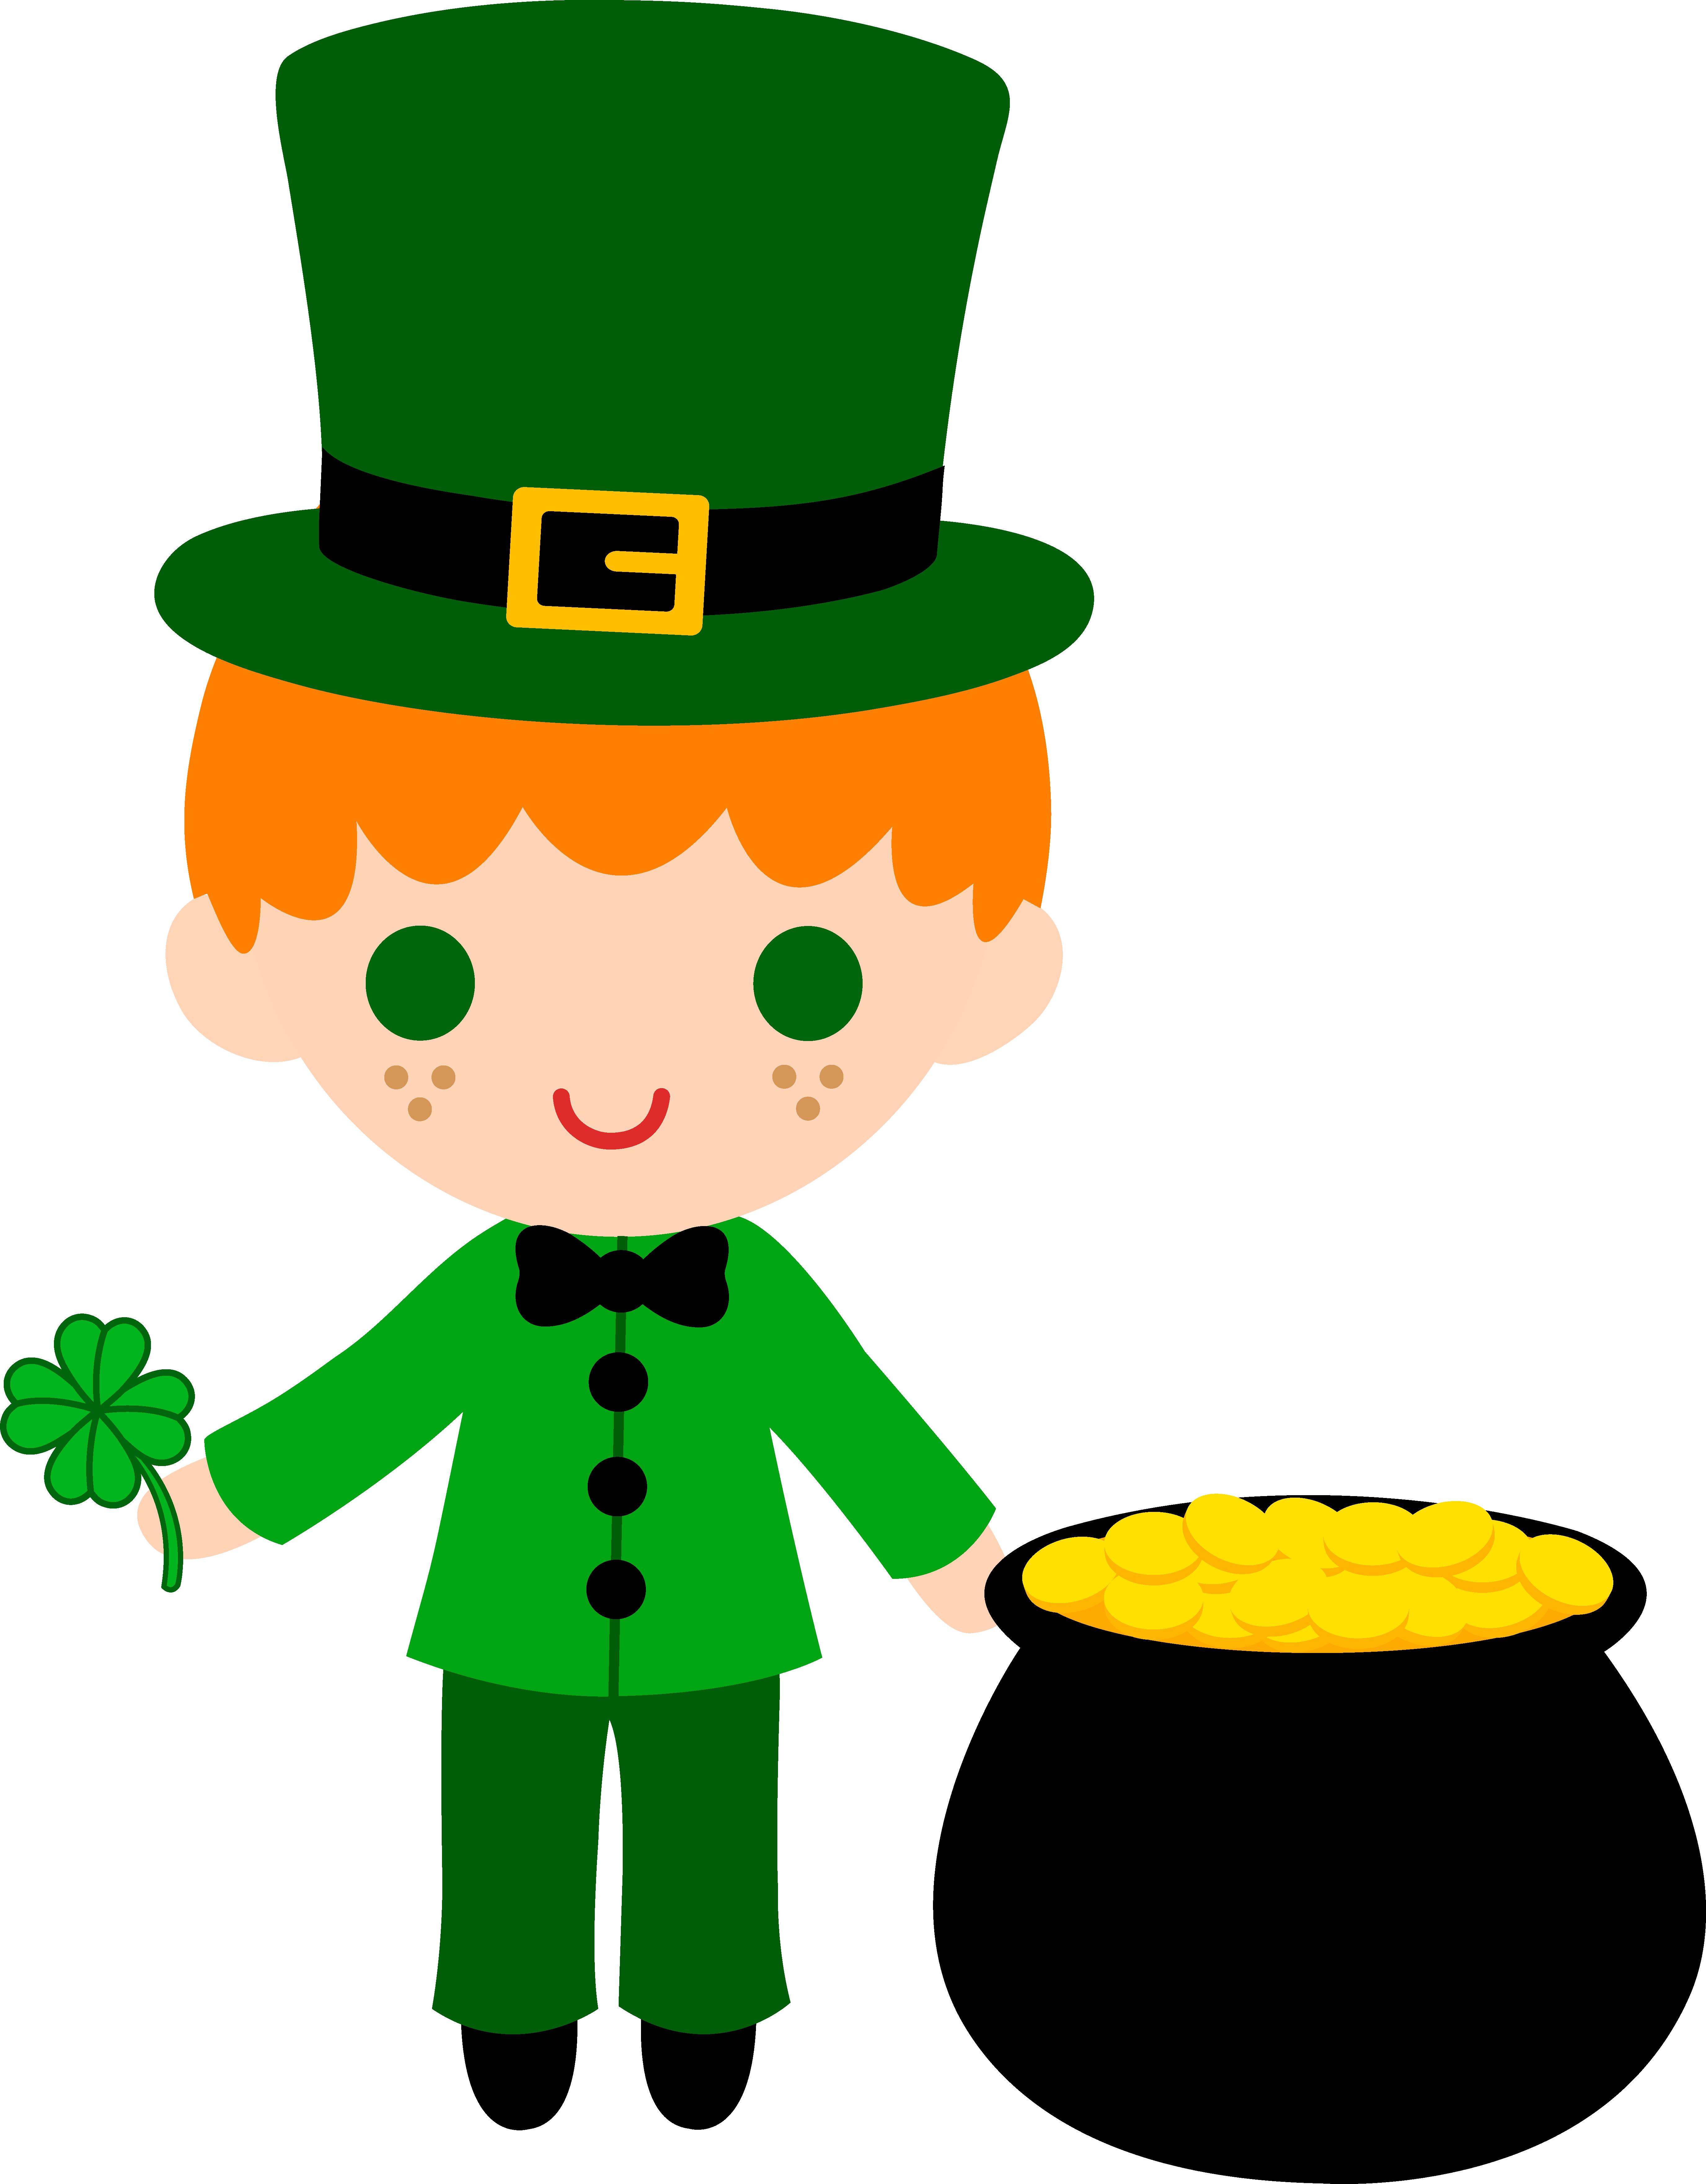 Leprechaun clipart for kids banner freeuse download Free Green Leprechaun Cliparts, Download Free Clip Art, Free Clip ... banner freeuse download